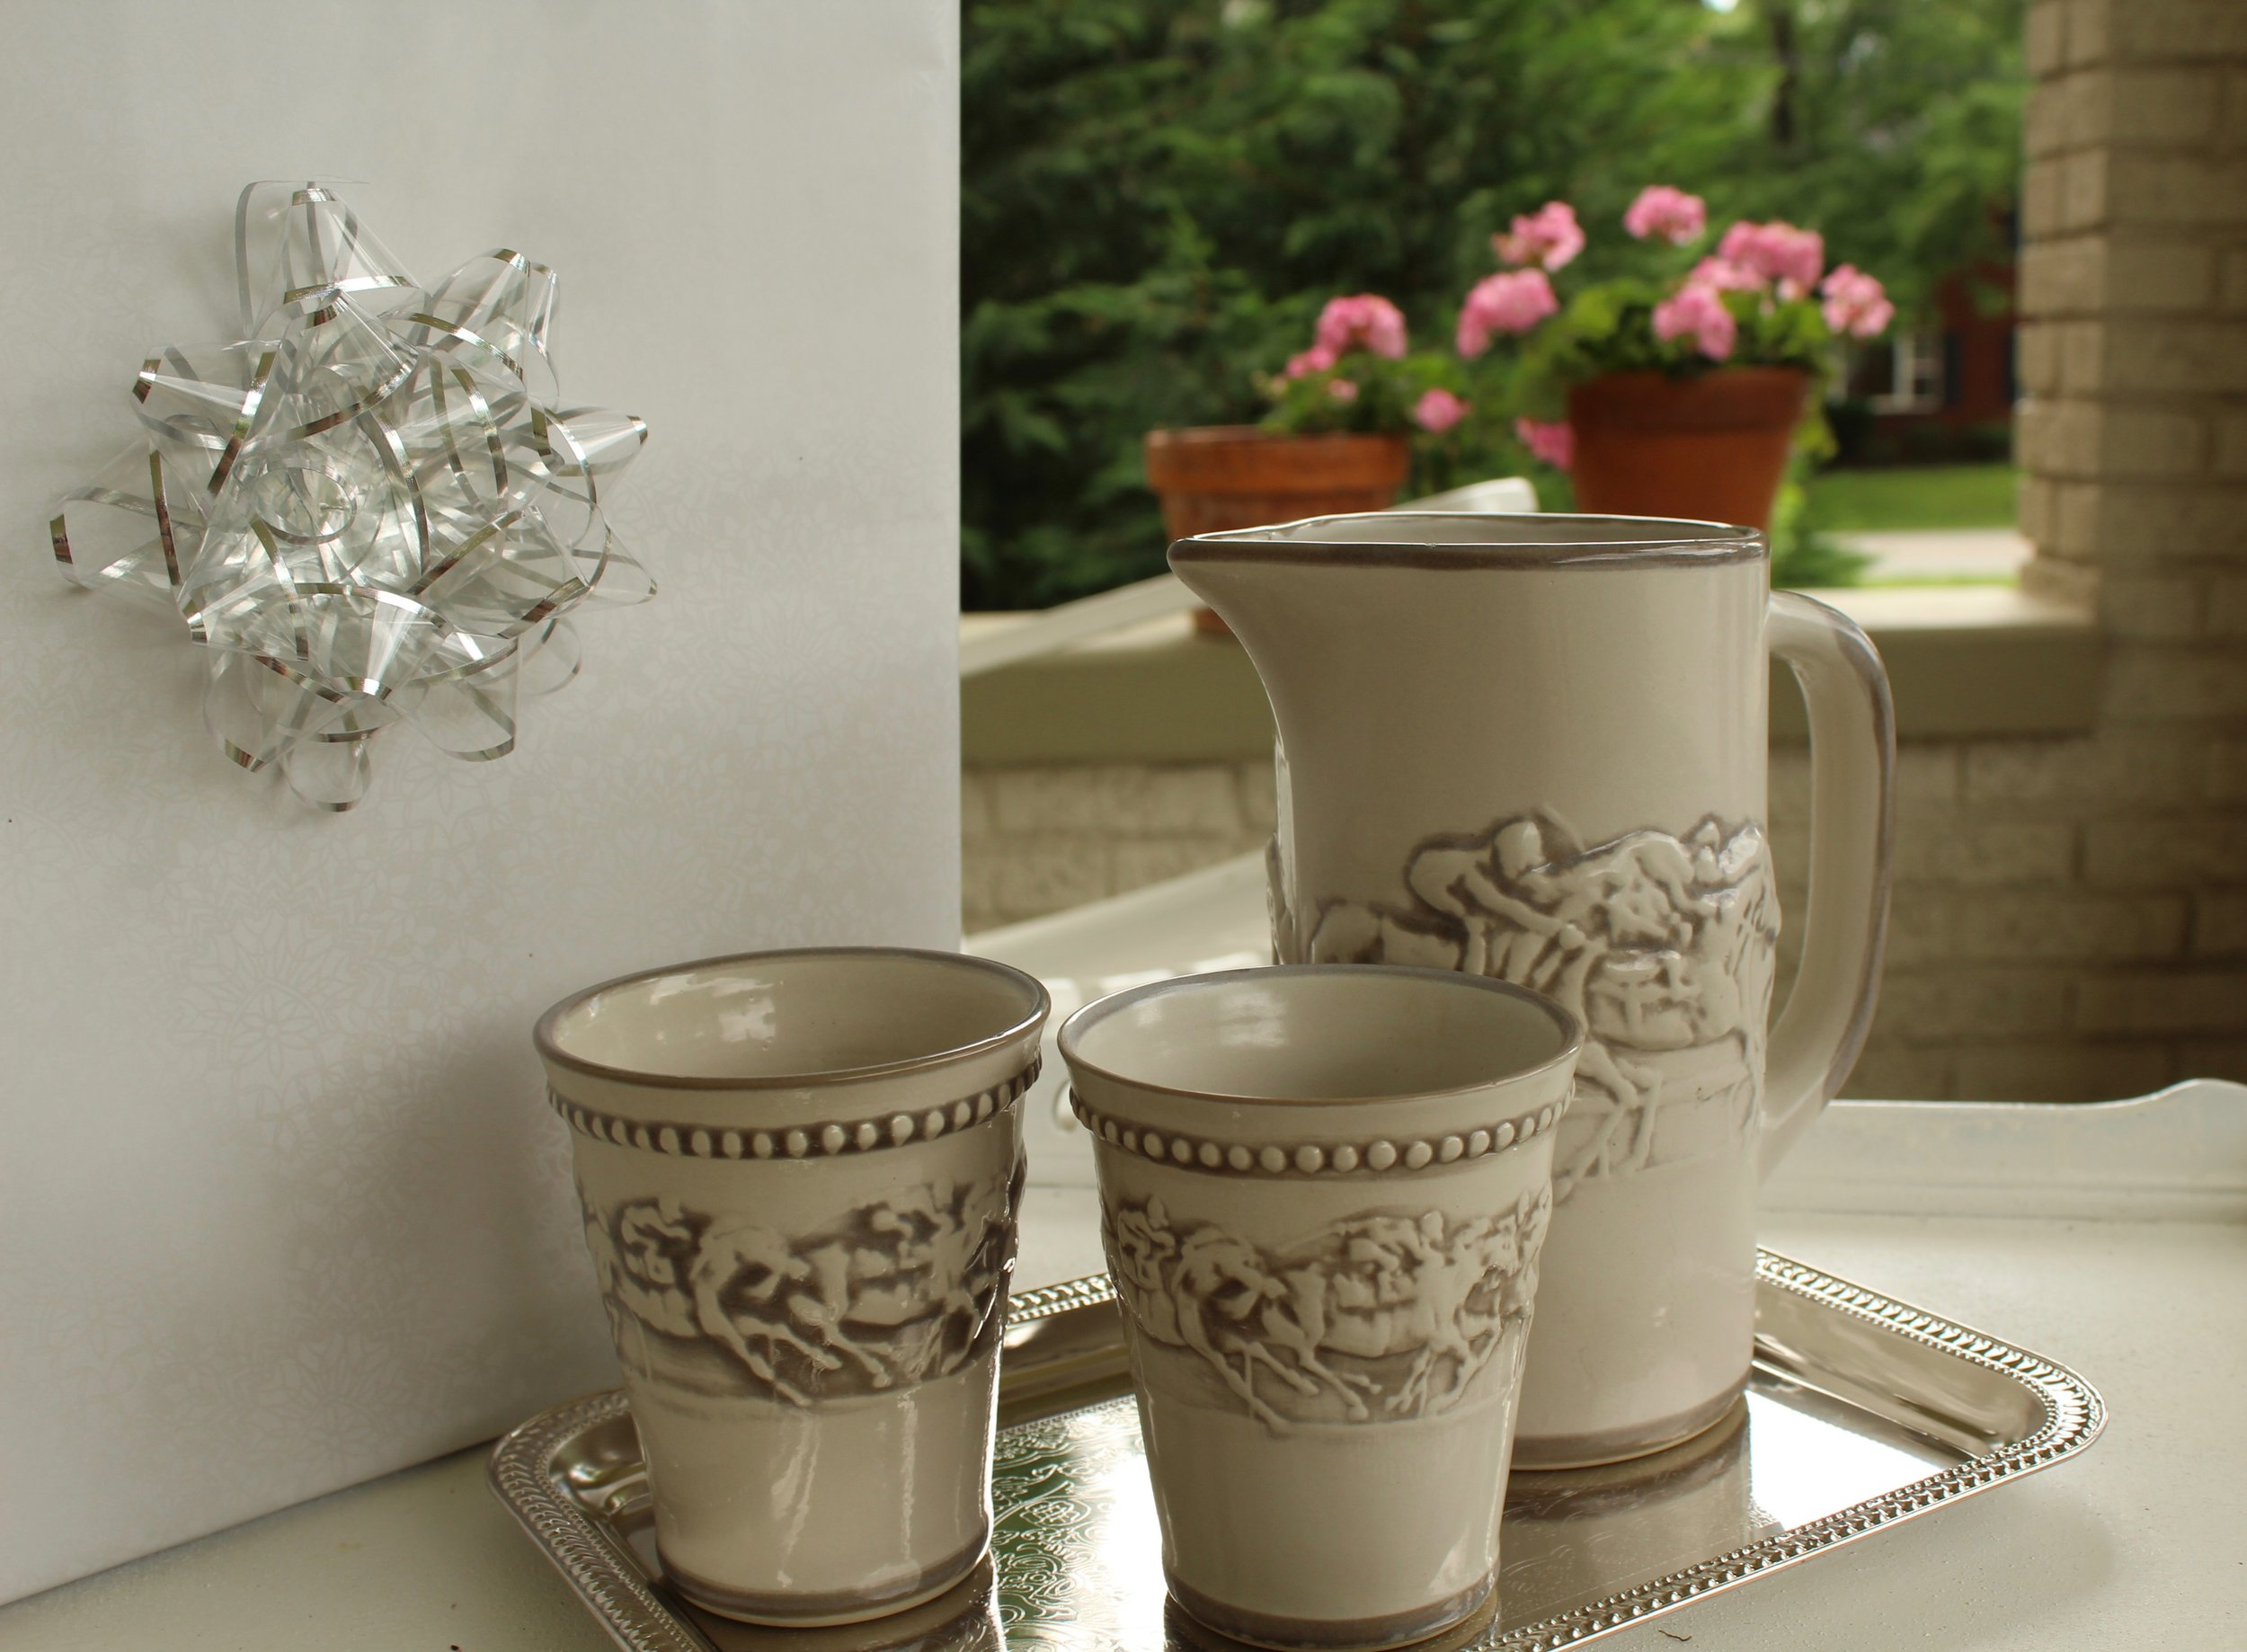 HerKentucky.com Summer Gift Guide | Stoneware & Co bar pitcher